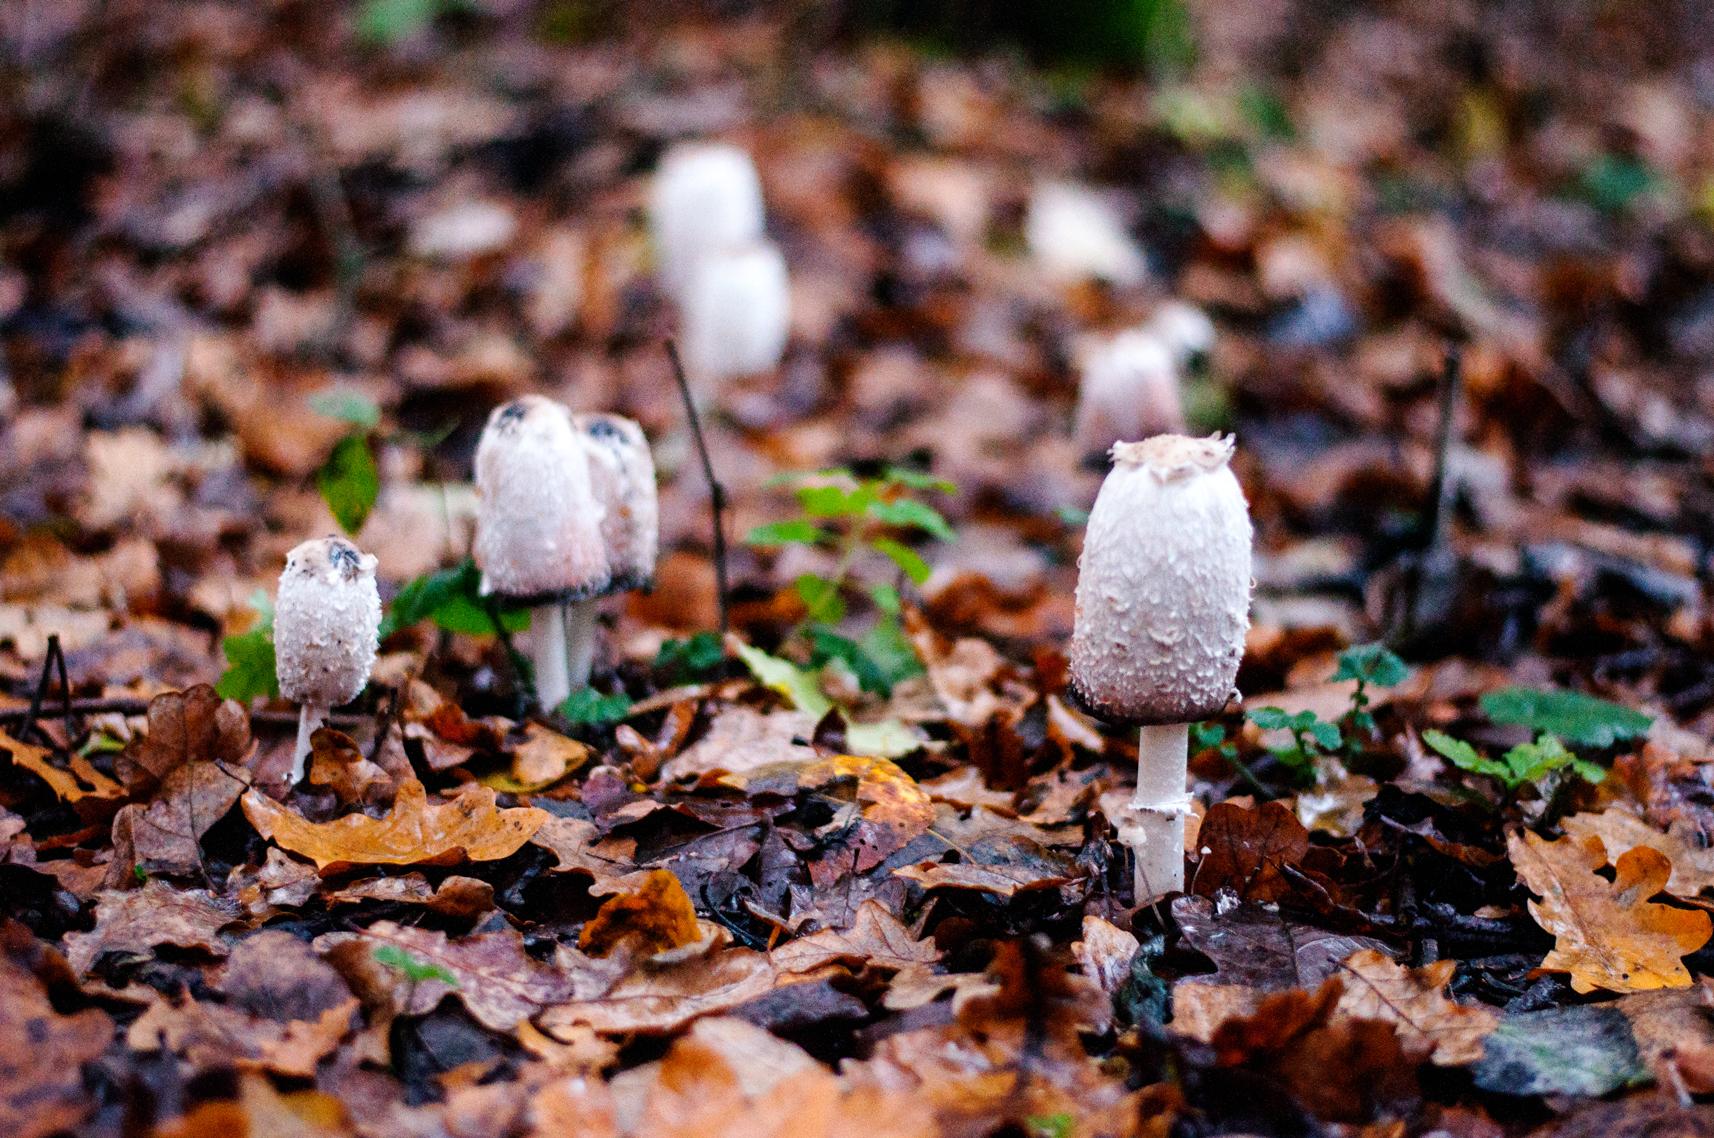 Herbstspaziergang Pilze